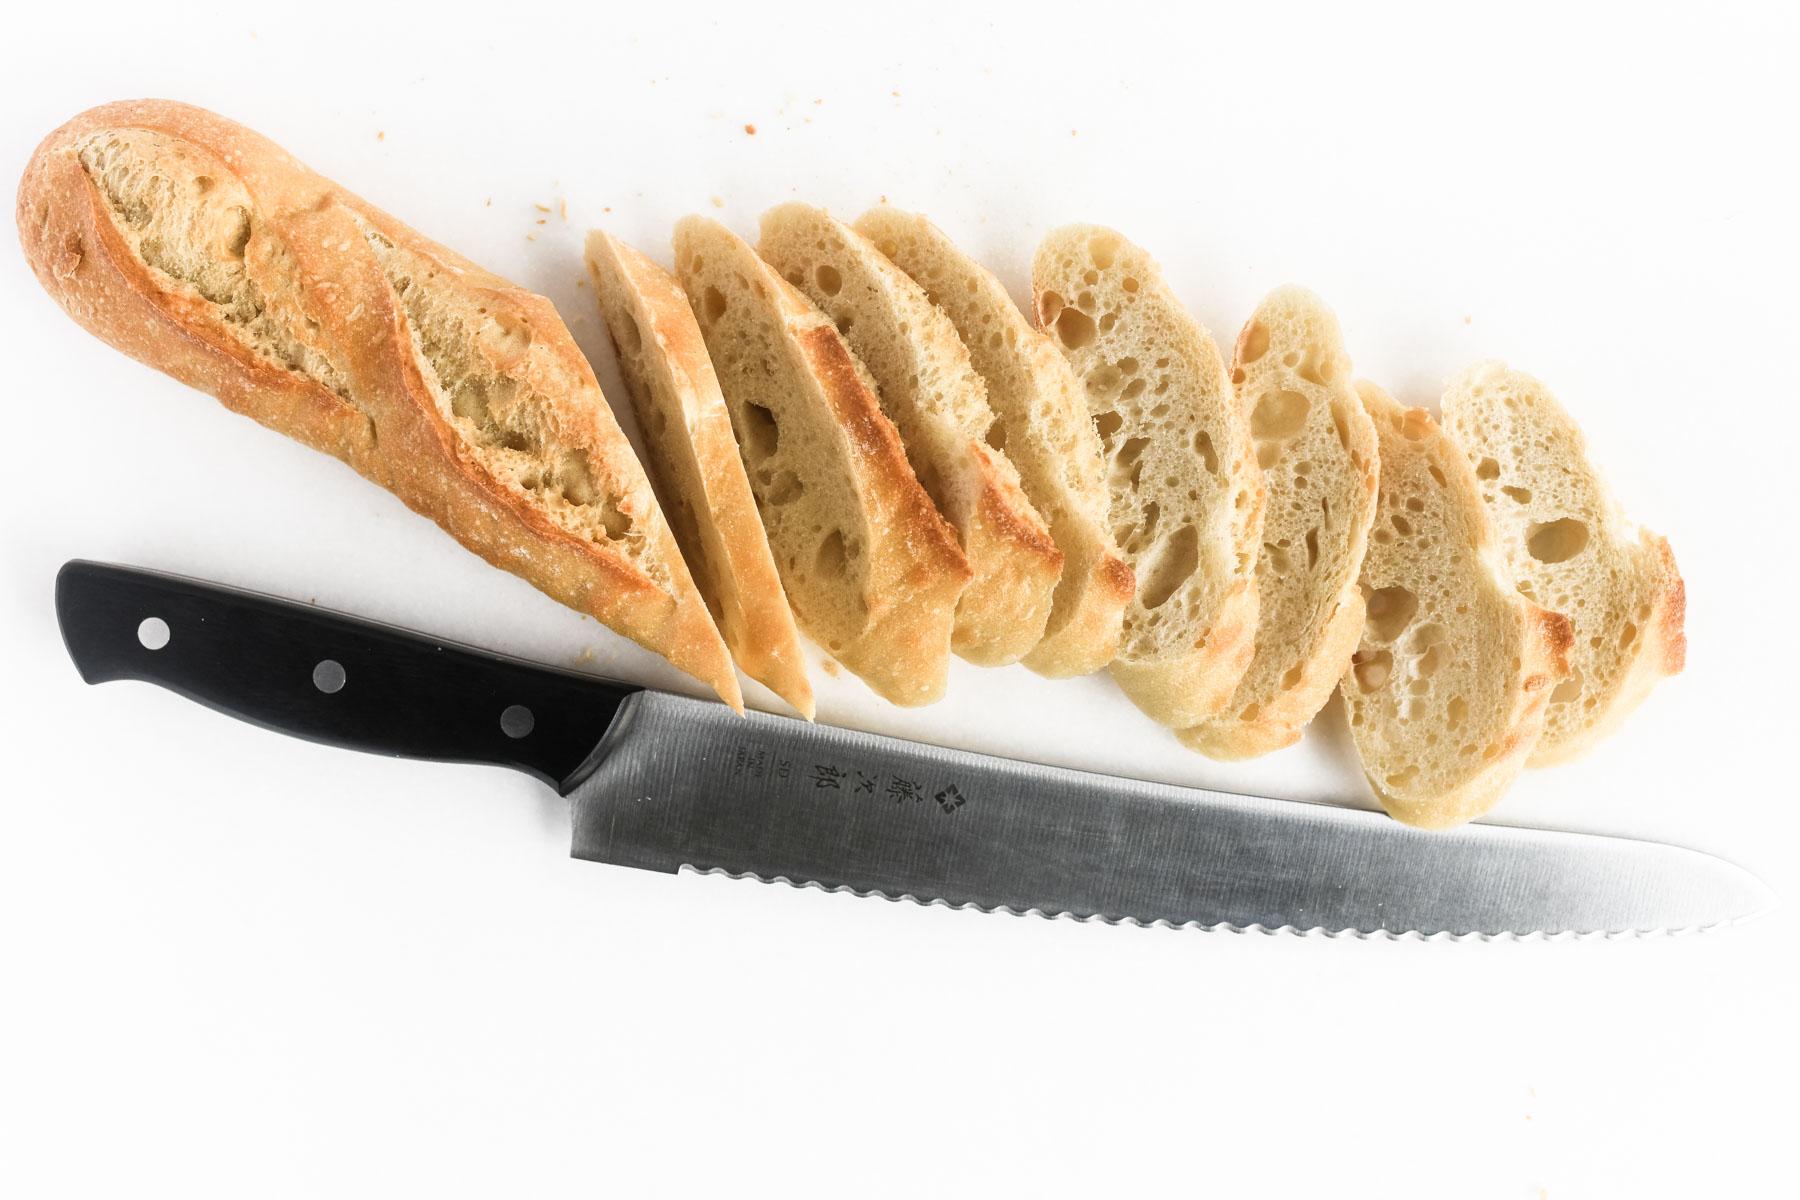 a baguette being sliced for bruschetta